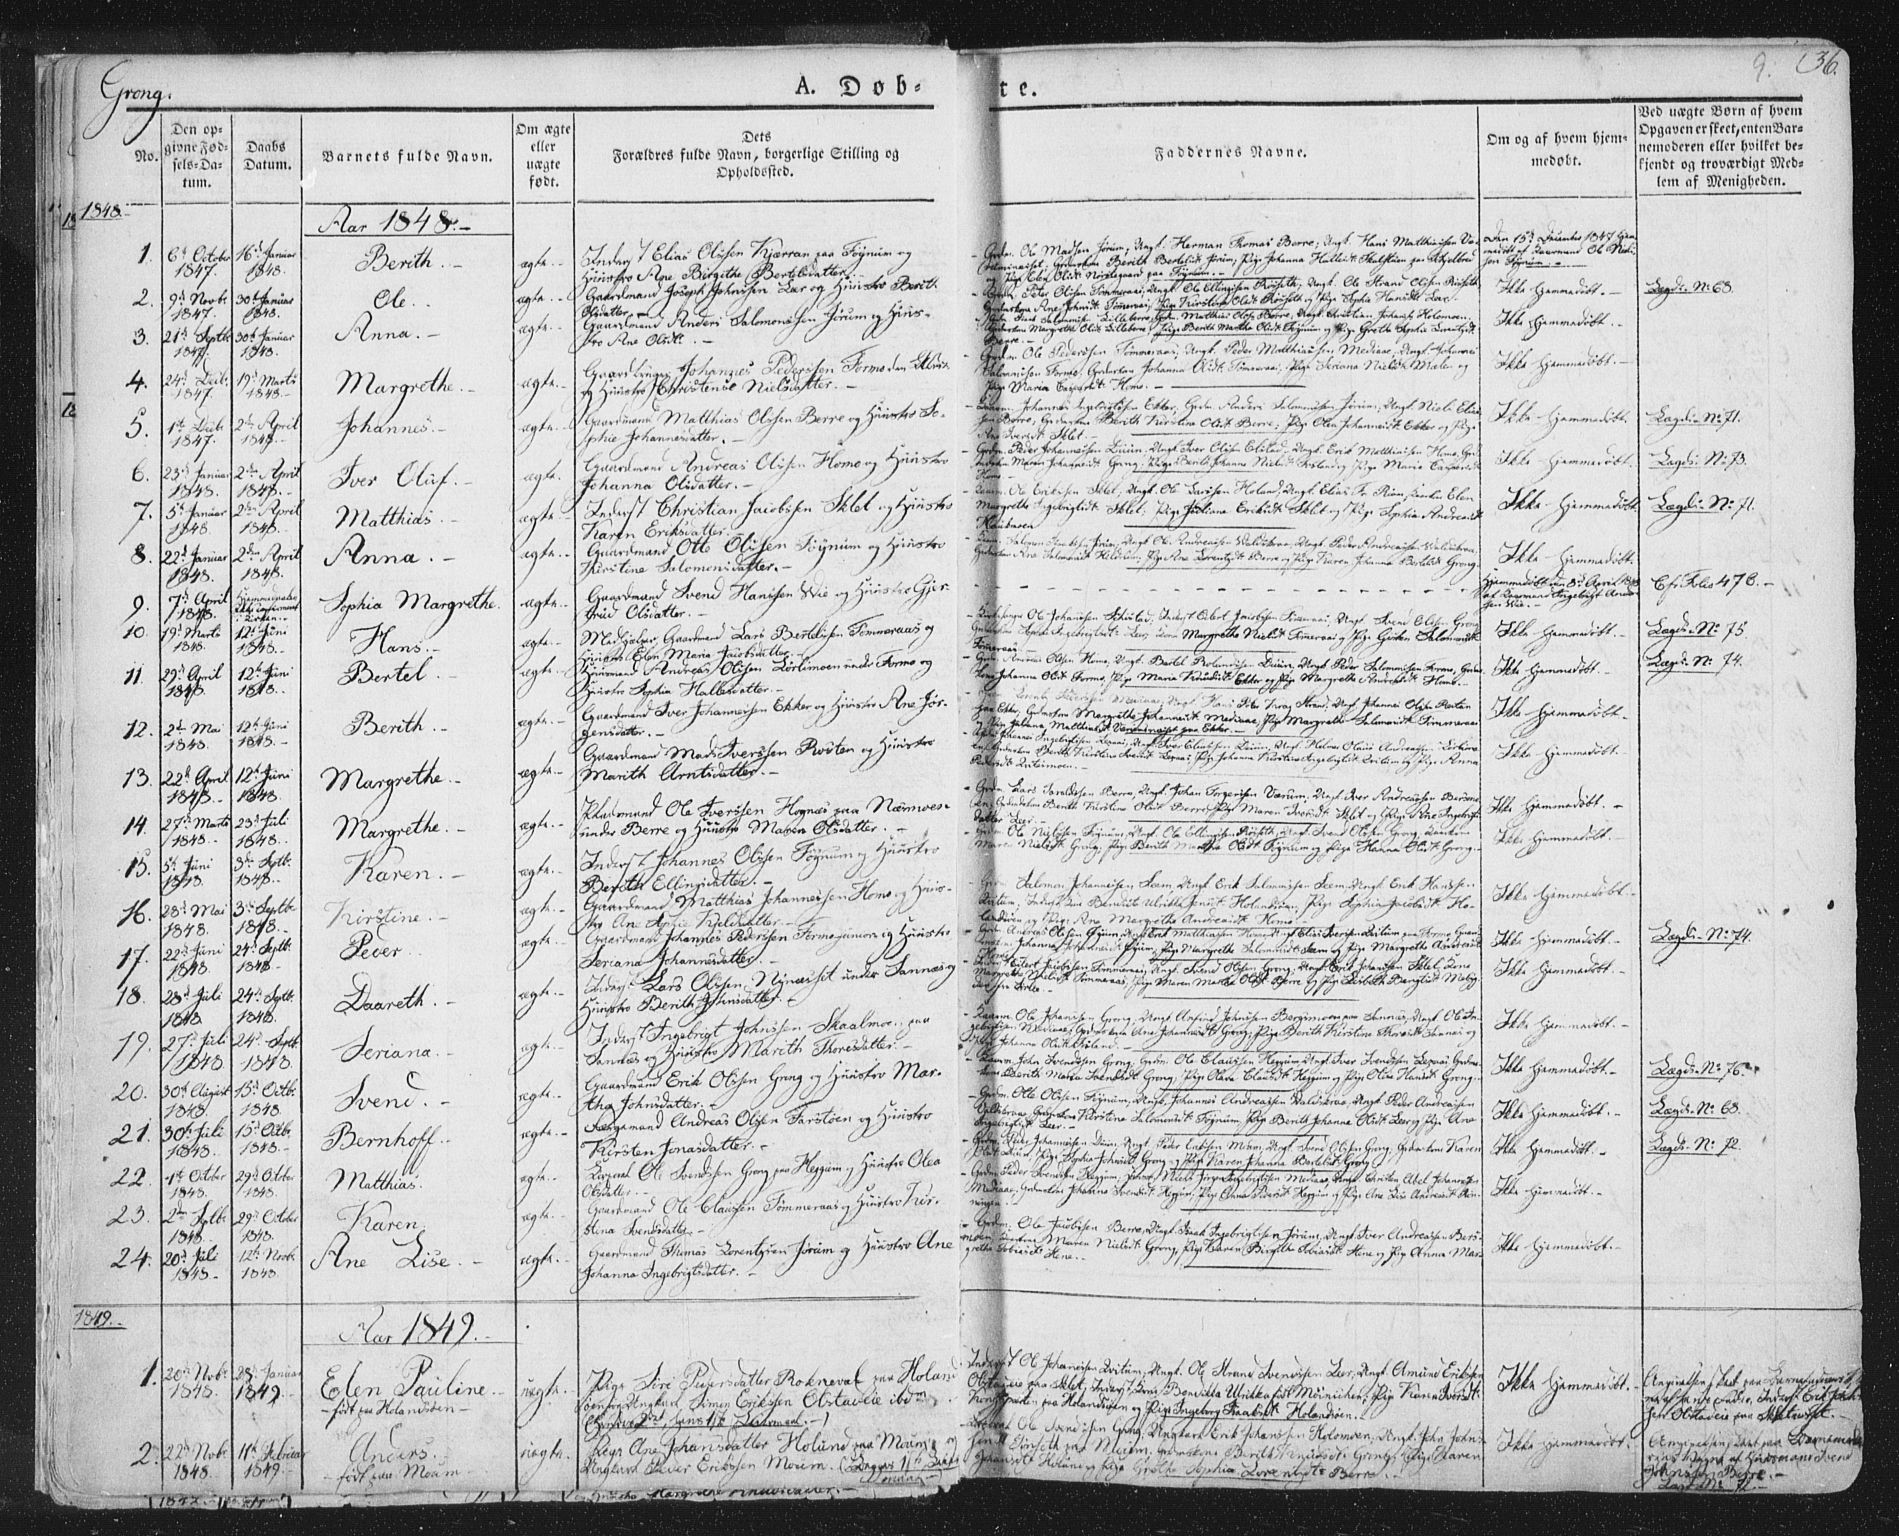 SAT, Ministerialprotokoller, klokkerbøker og fødselsregistre - Nord-Trøndelag, 758/L0513: Ministerialbok nr. 758A02 /1, 1839-1868, s. 9